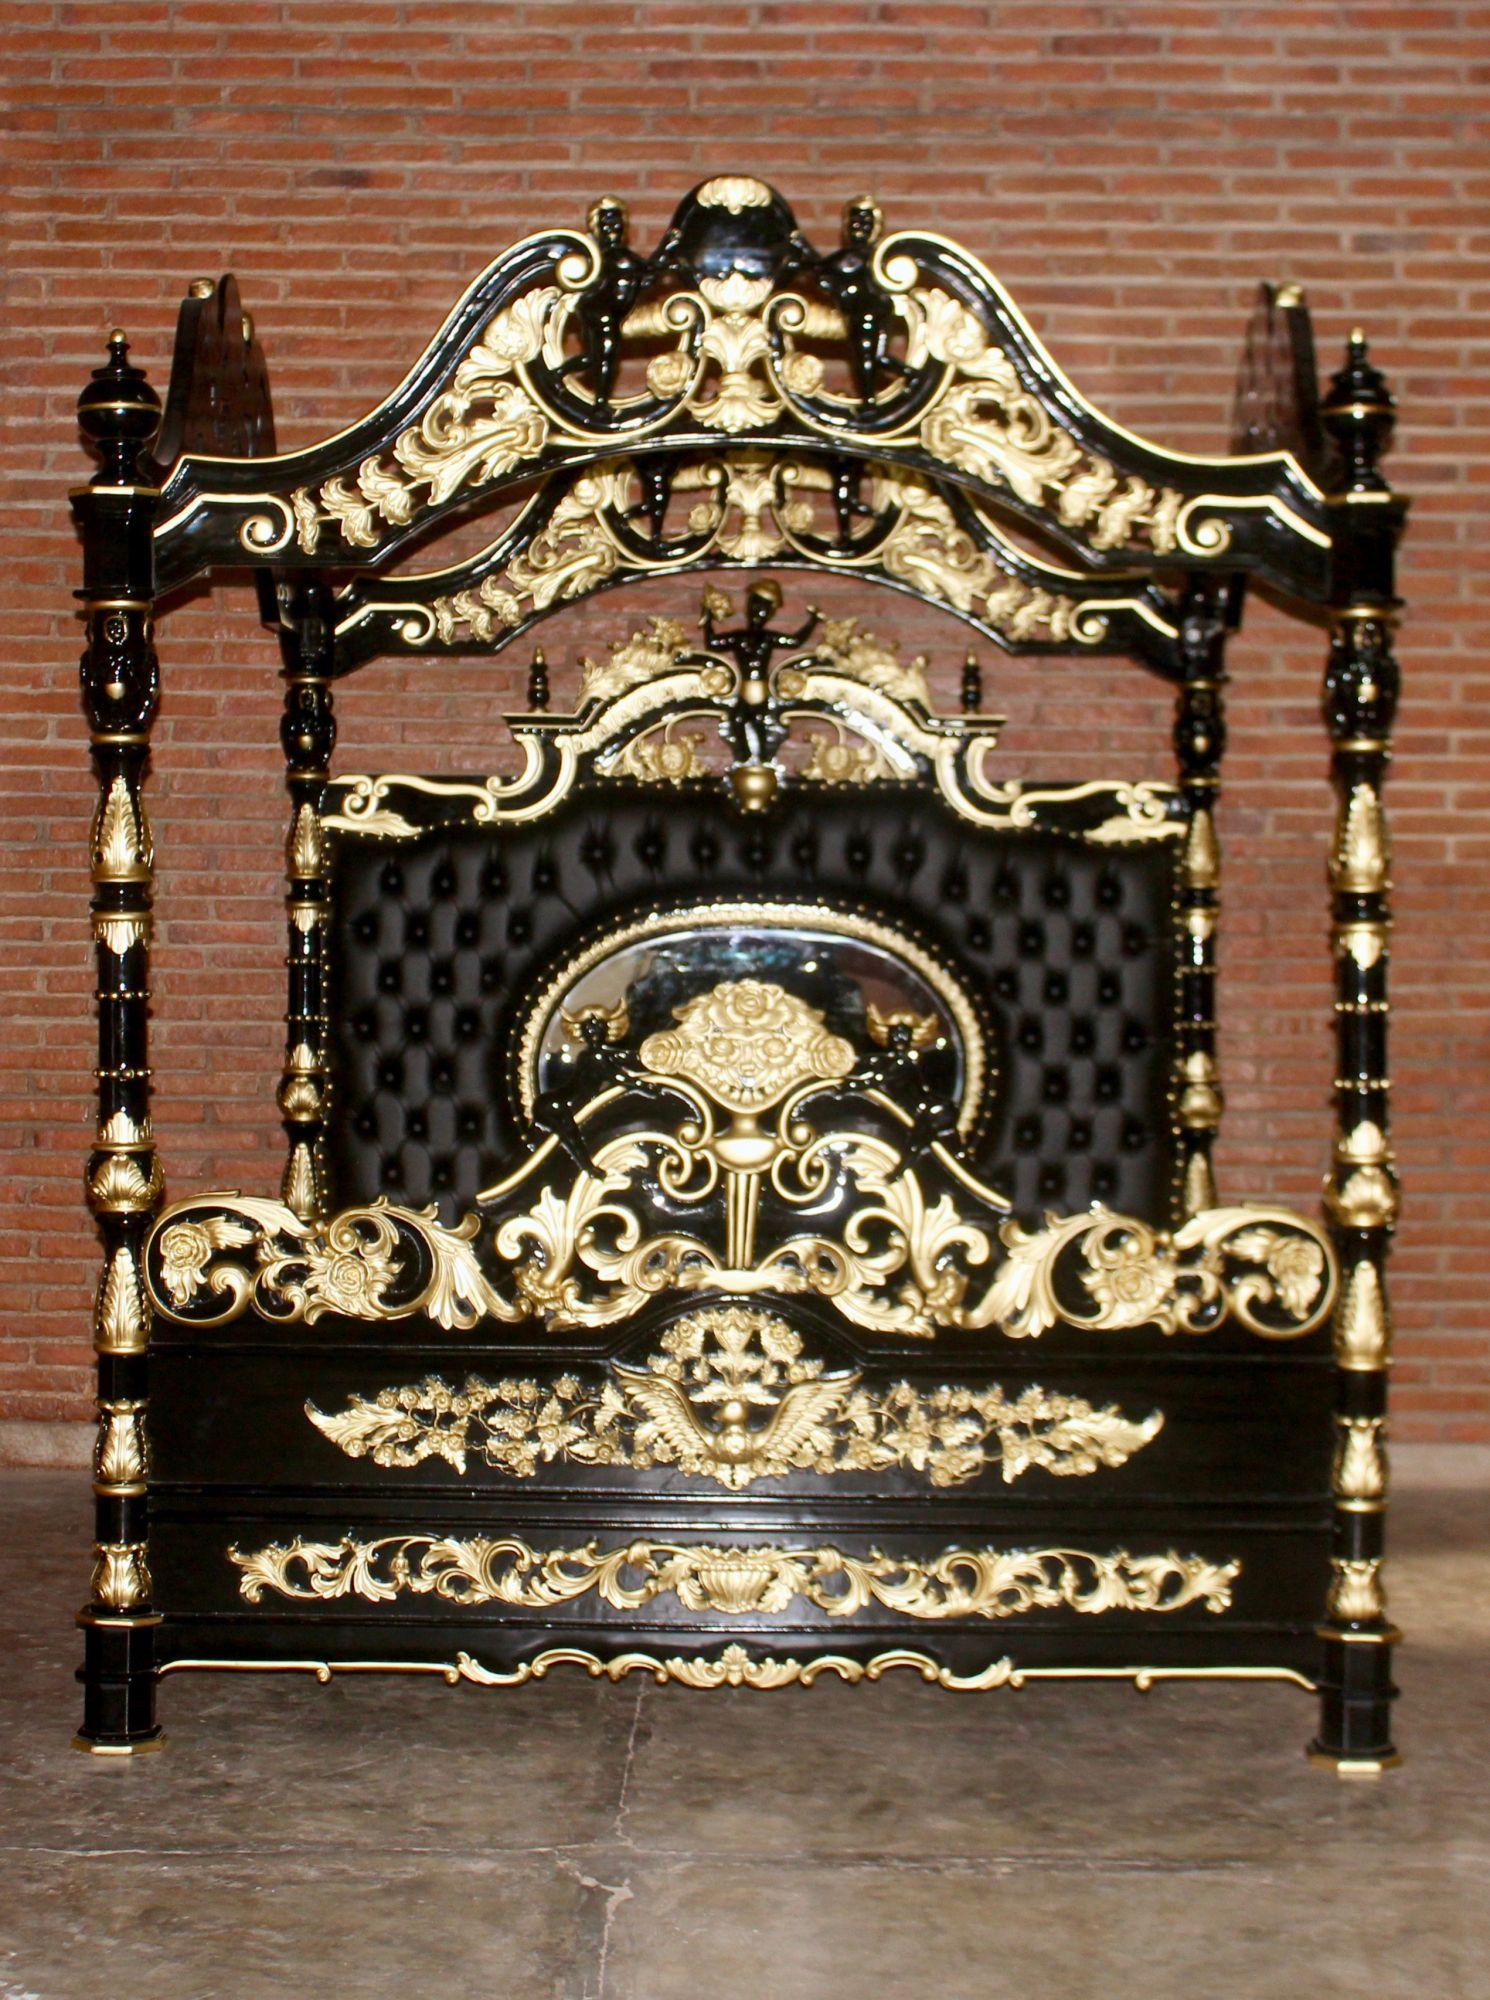 Full Size of Barock Bett Engelhimmelbett Betten Onlineshop Repro Antik Design Buche Ausstellungsstück Paletten 140x200 Nolte Aus Kaufen Massiv Günstig Schlafzimmer Cars Bett Barock Bett